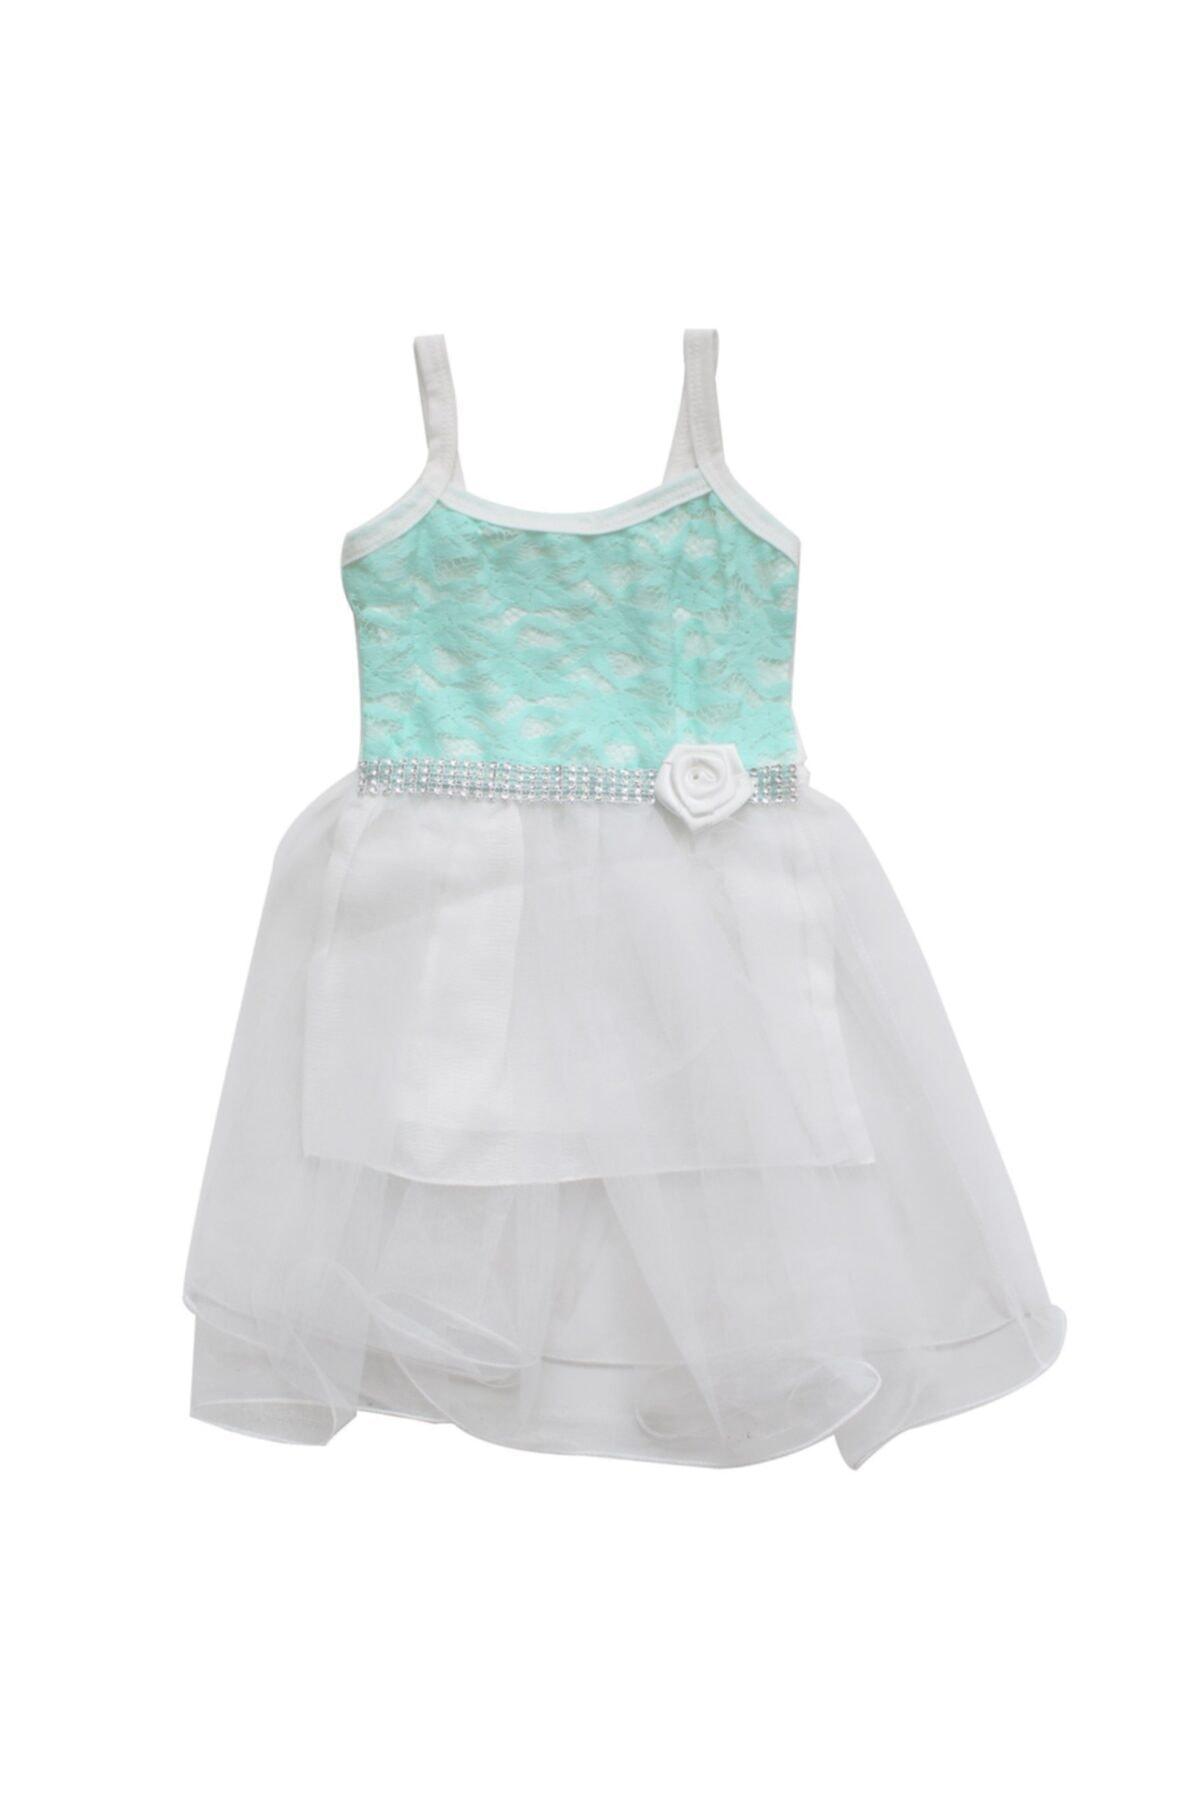 bebegen Yeşil Çiçekli Beyaz Tüllü Kız Bebek Elbise 1